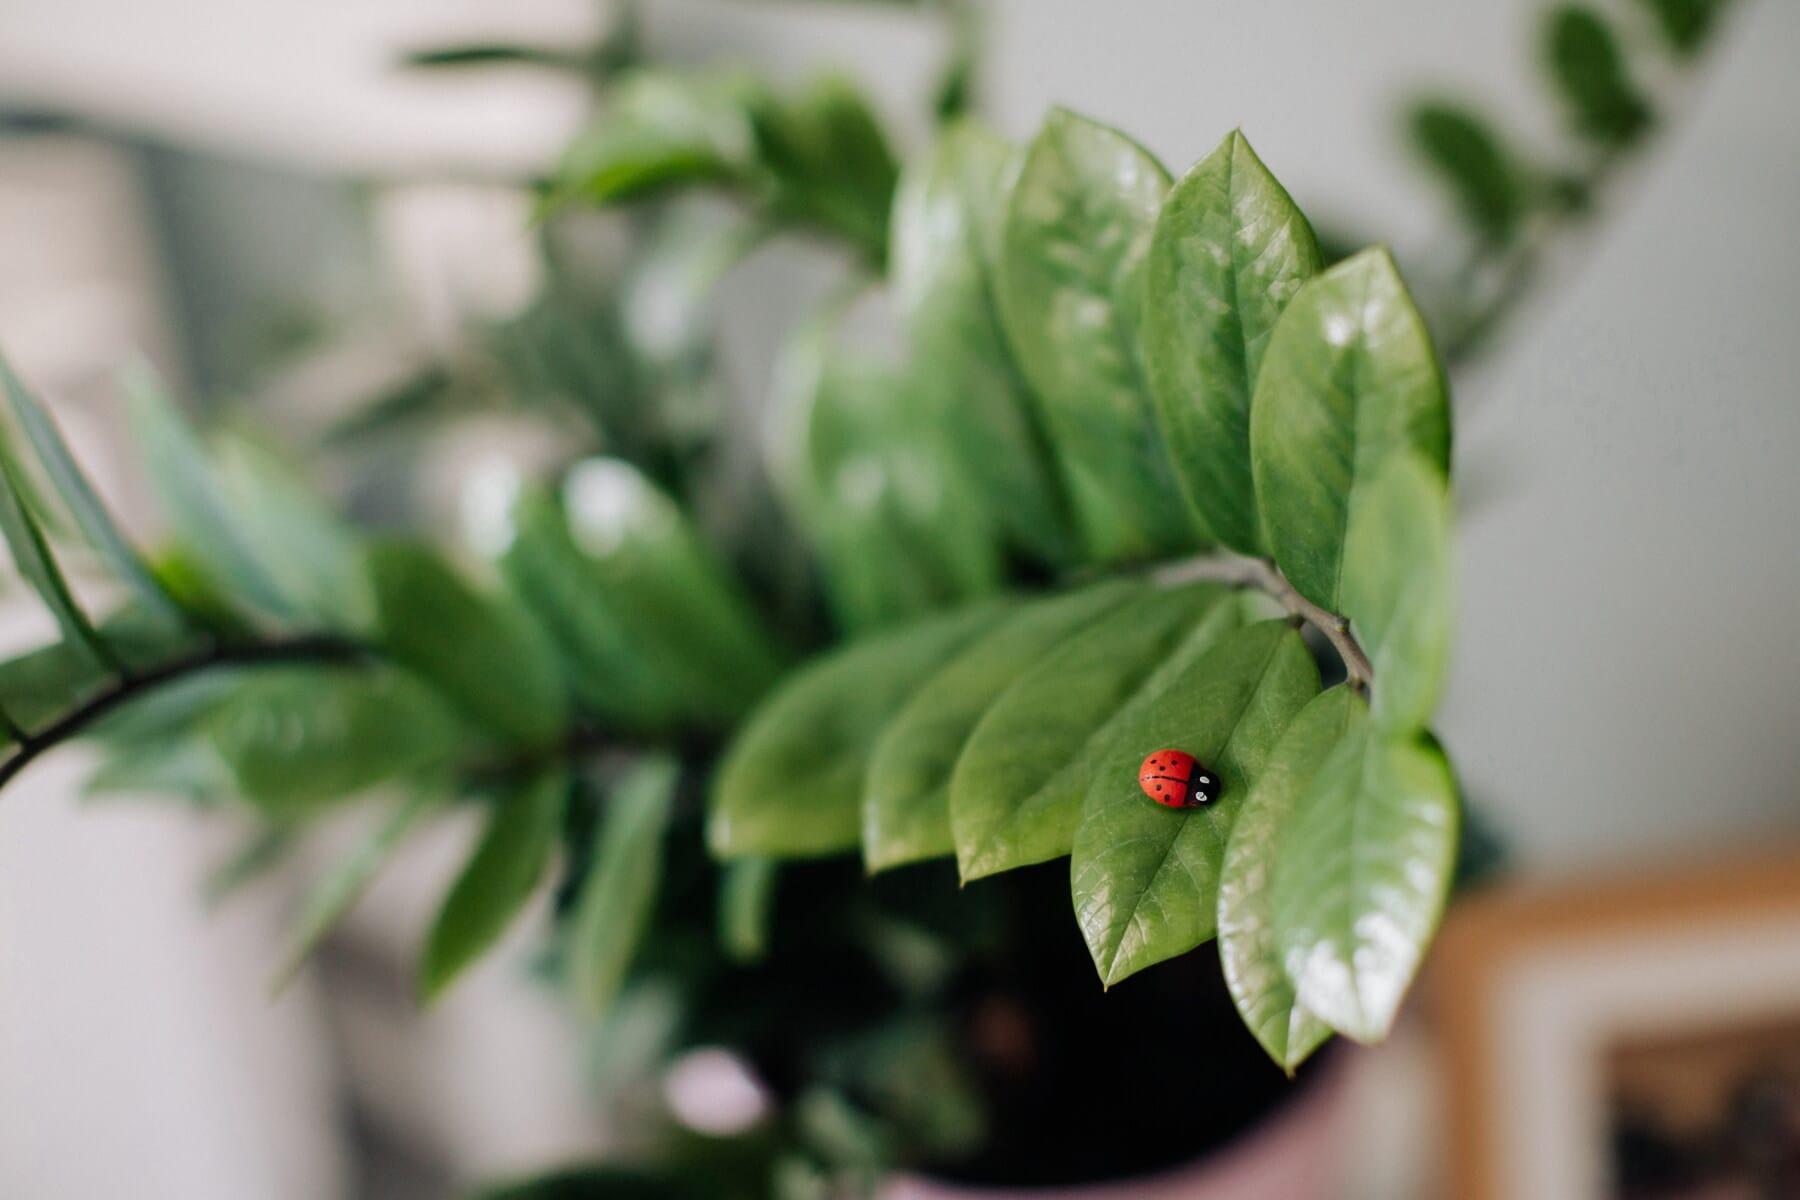 plastique, coccinelle, miniature, feuilles vertes, en détail, décoration, branche, pot de fleurs, feuille, nature